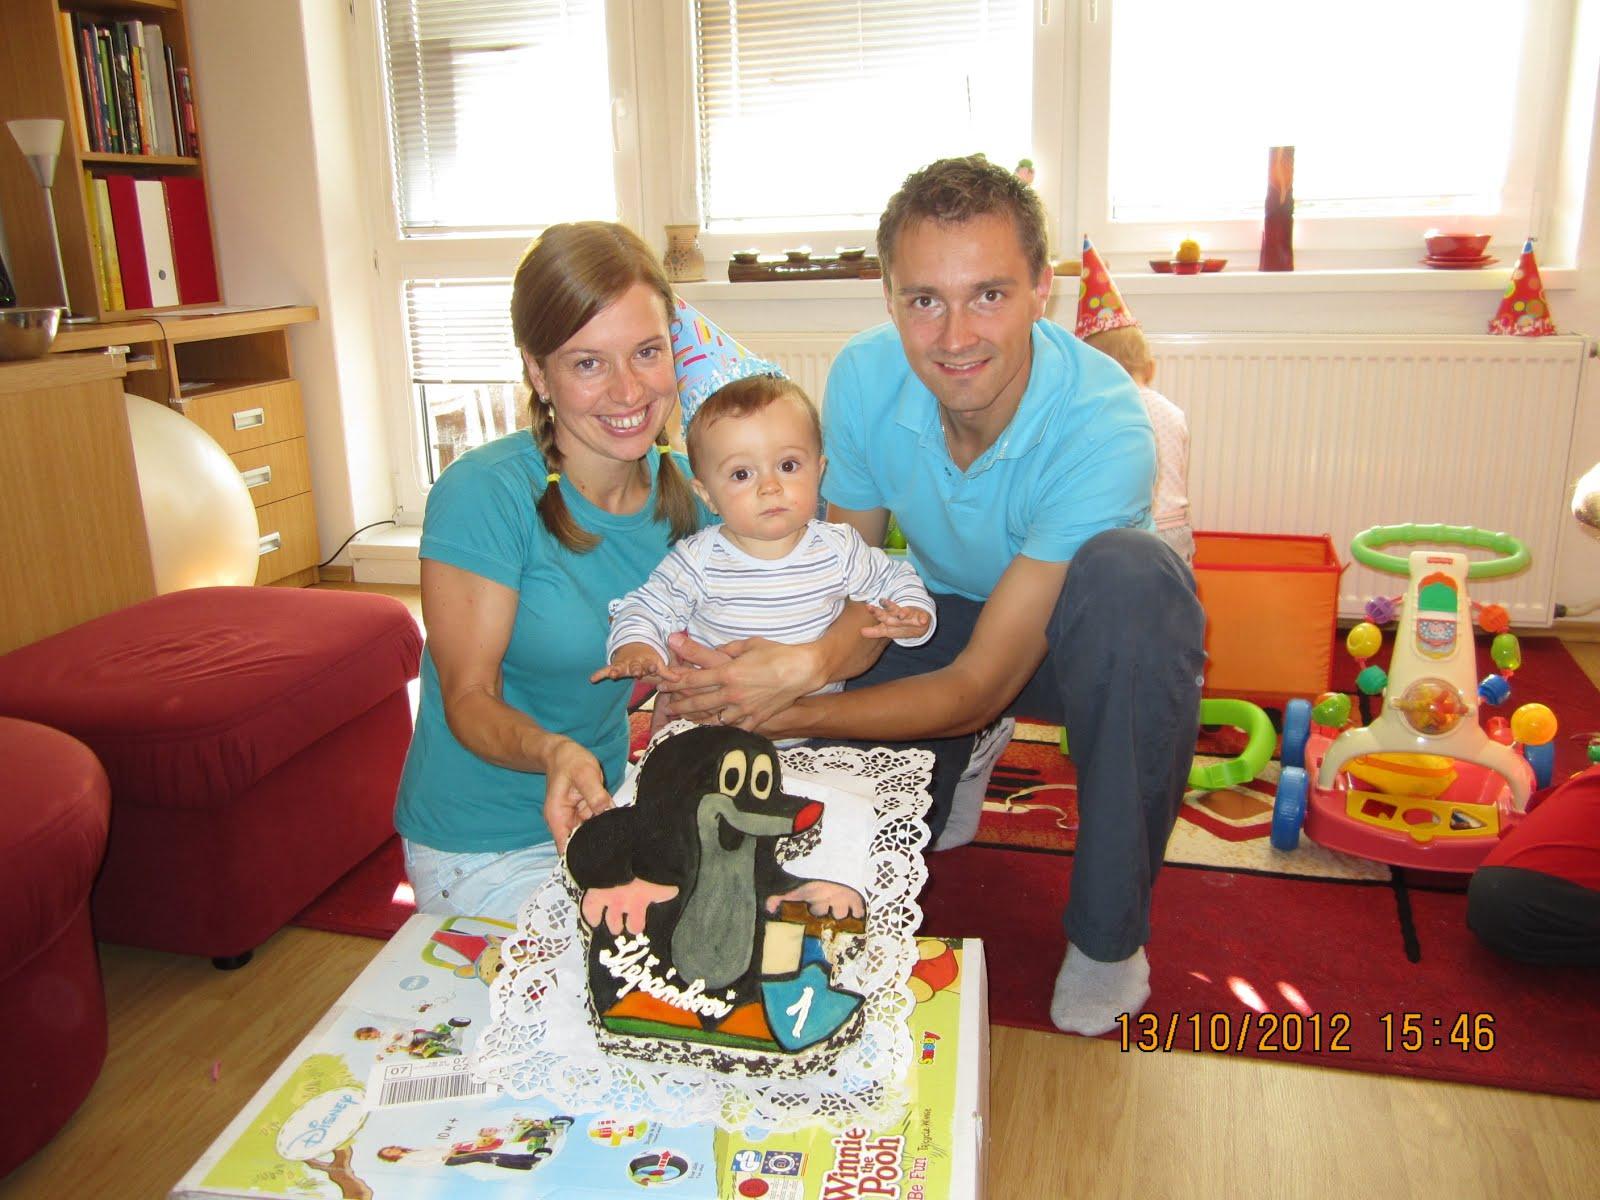 oslava 1 narozenin Expedice VaK: První narozeniny oslava 1 narozenin